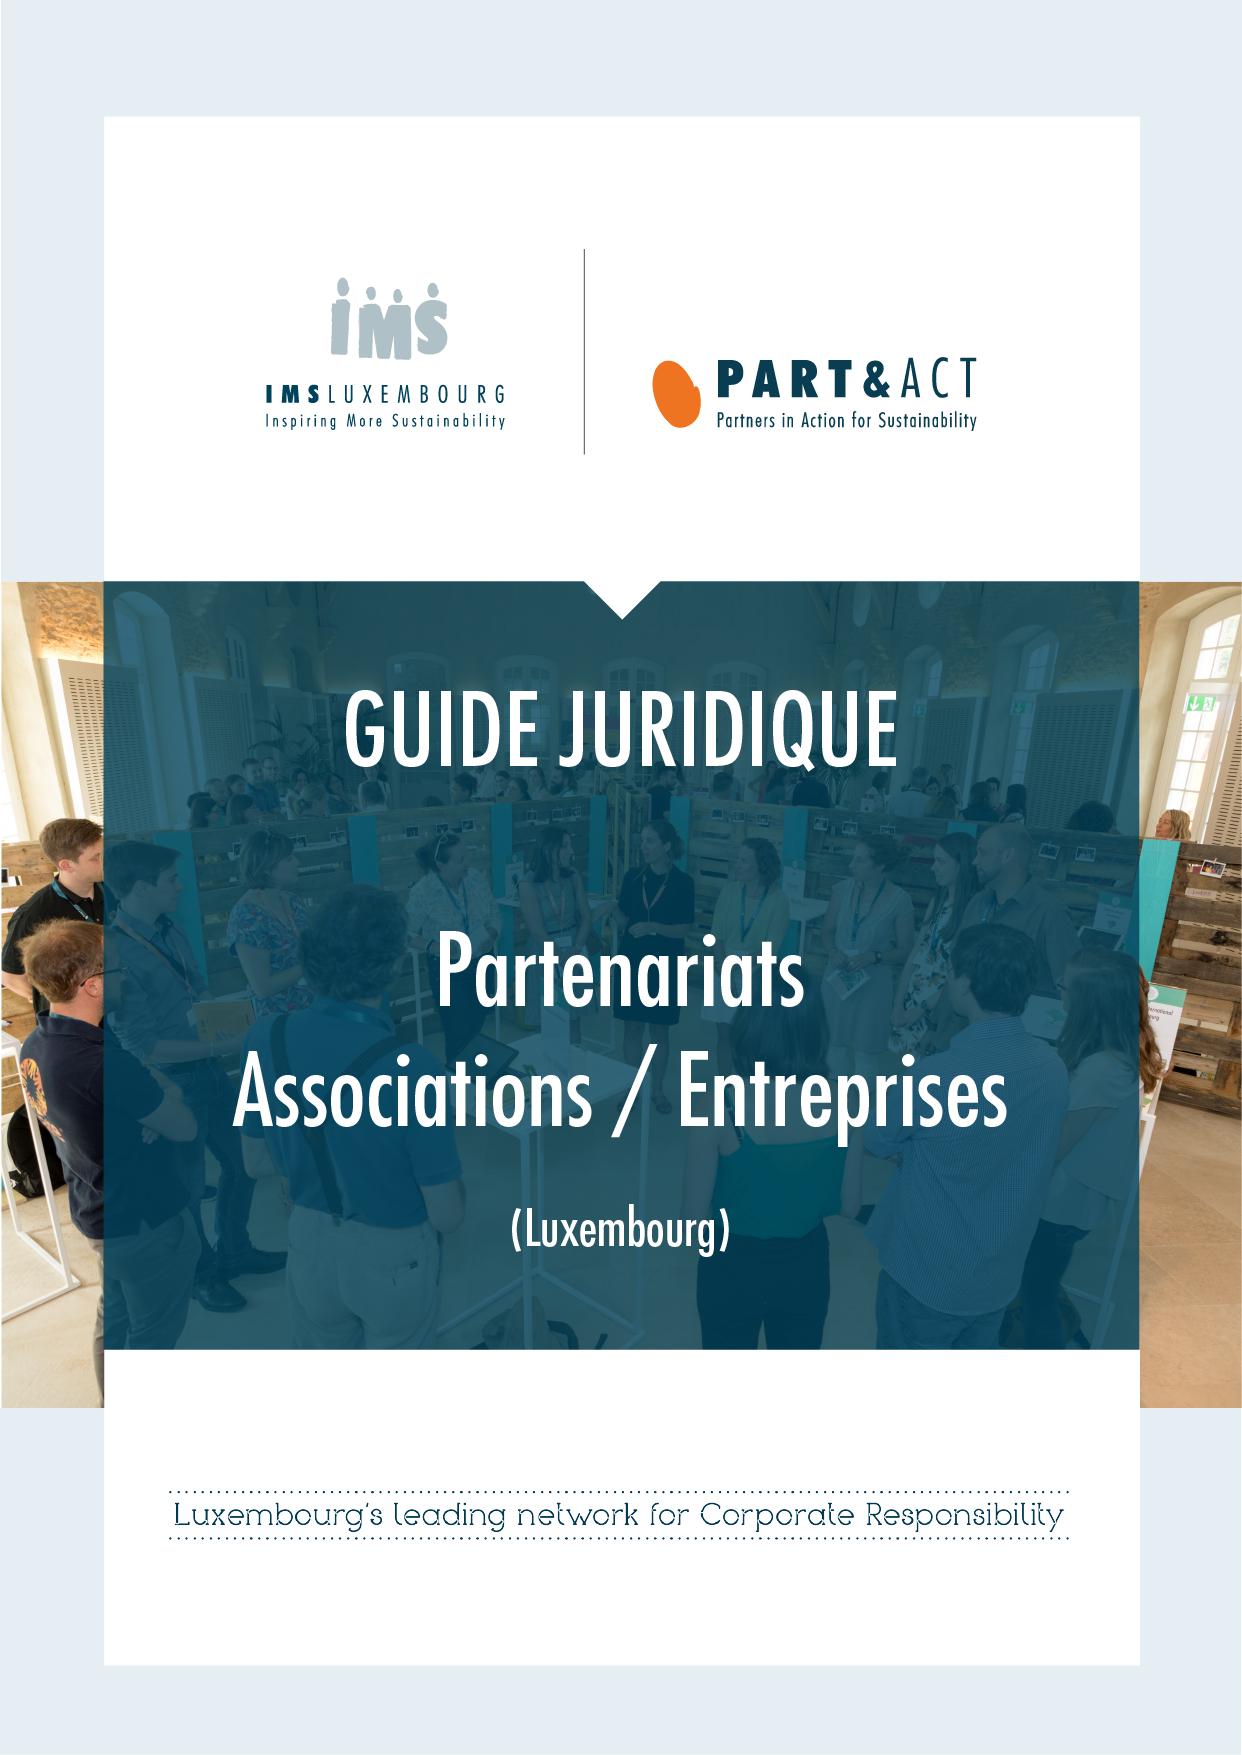 Guide Juridique - Partenariats Associations/Entreprises